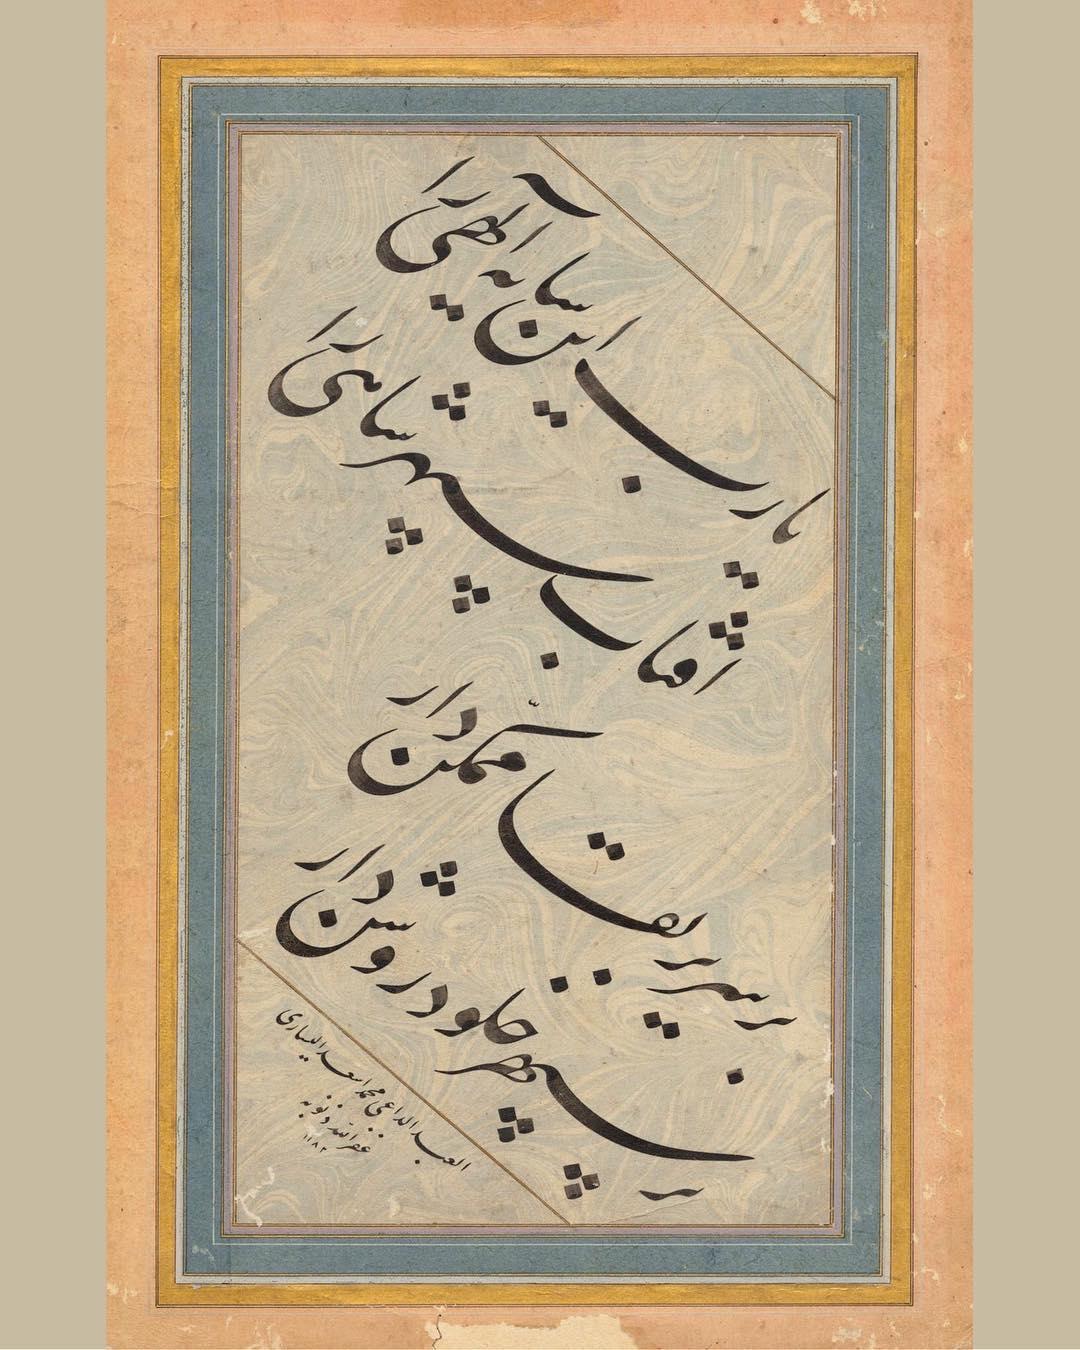 Apk Website For Arabic Calligraphy Yâ Rab, în sâye-i ilâhi râ Âfitâb sipihr-i Şâhî râ Bir serîr-i beka-i mümkin dâr… 434